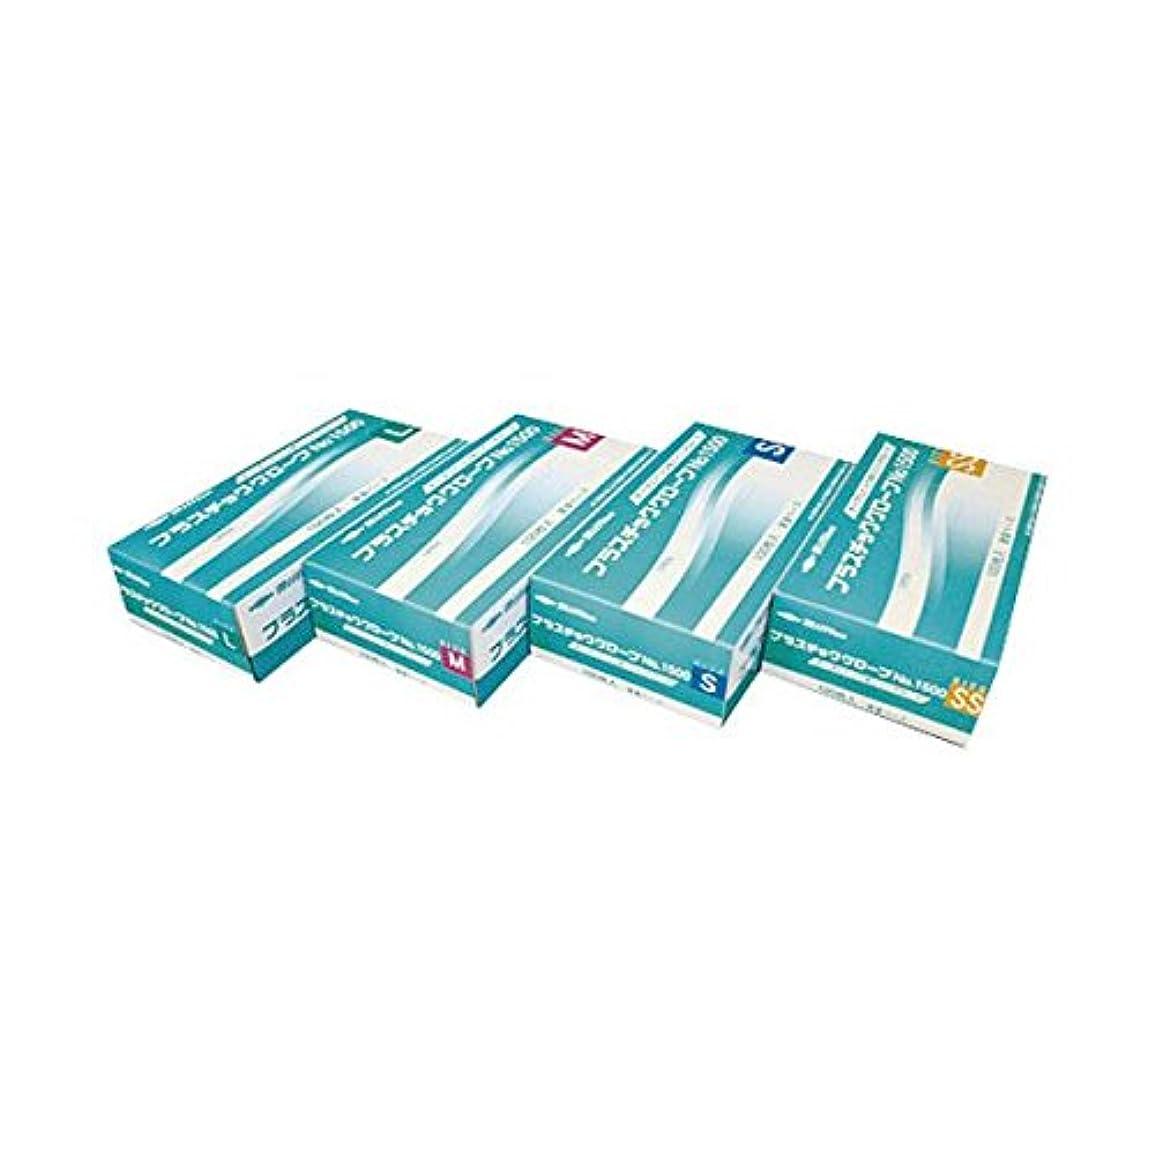 共和 プラスチックグローブNo1500 L ds-1915784